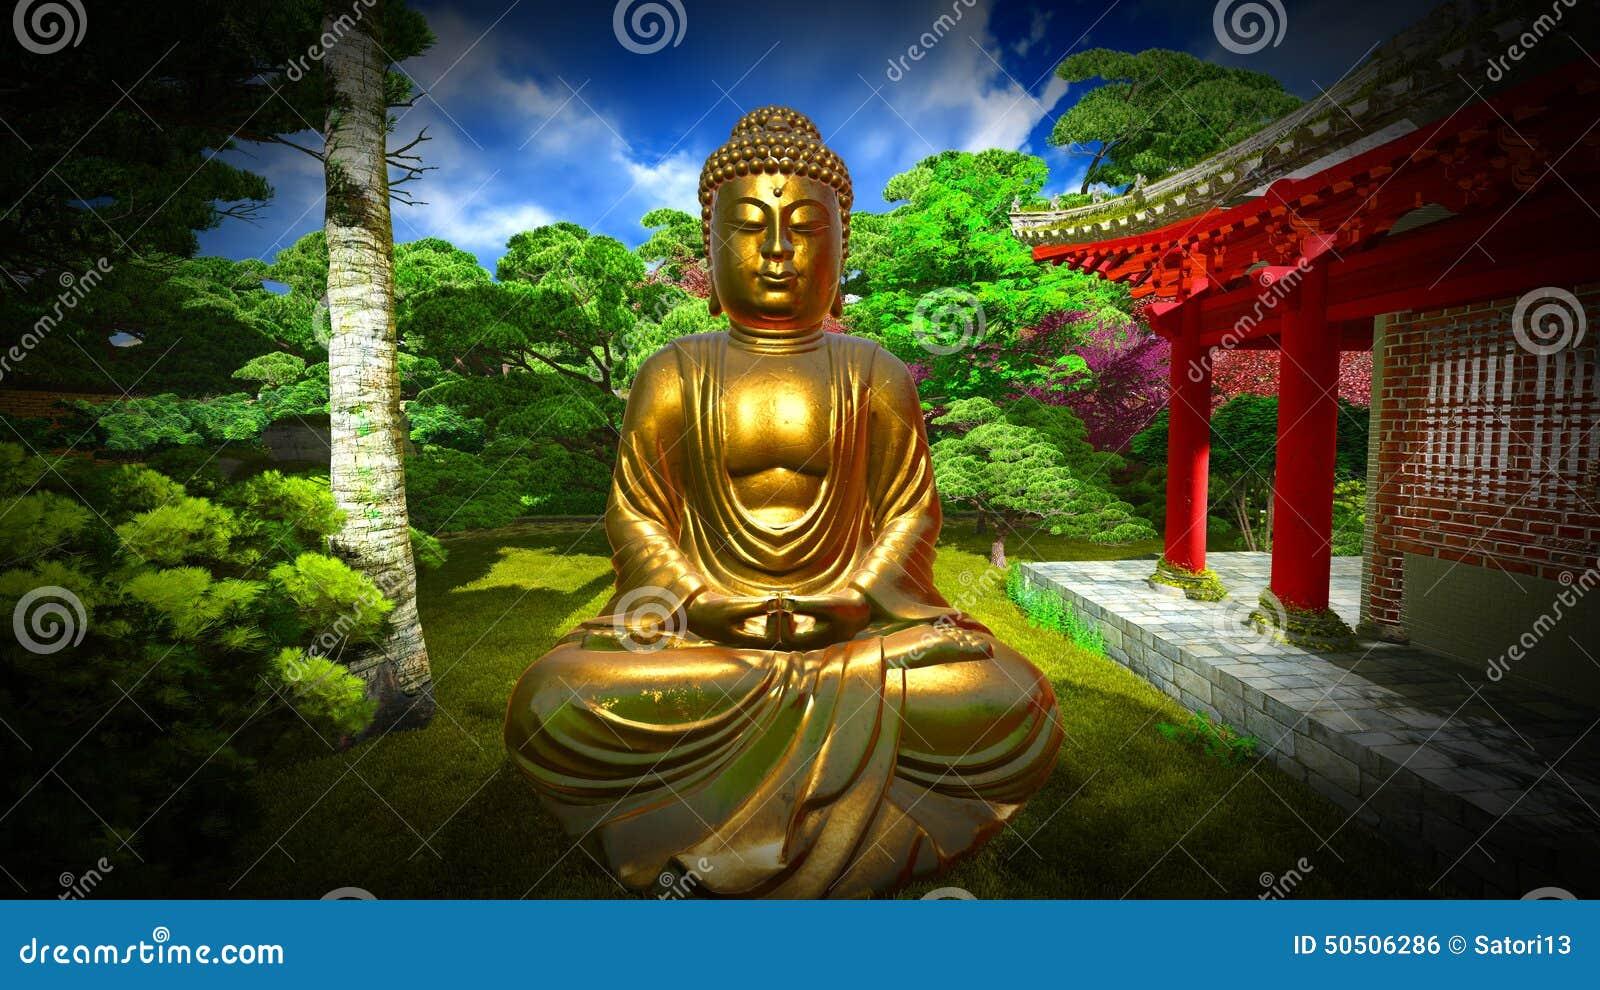 Estatua De Buda En Jardn Japons Stock de ilustracin Ilustracin